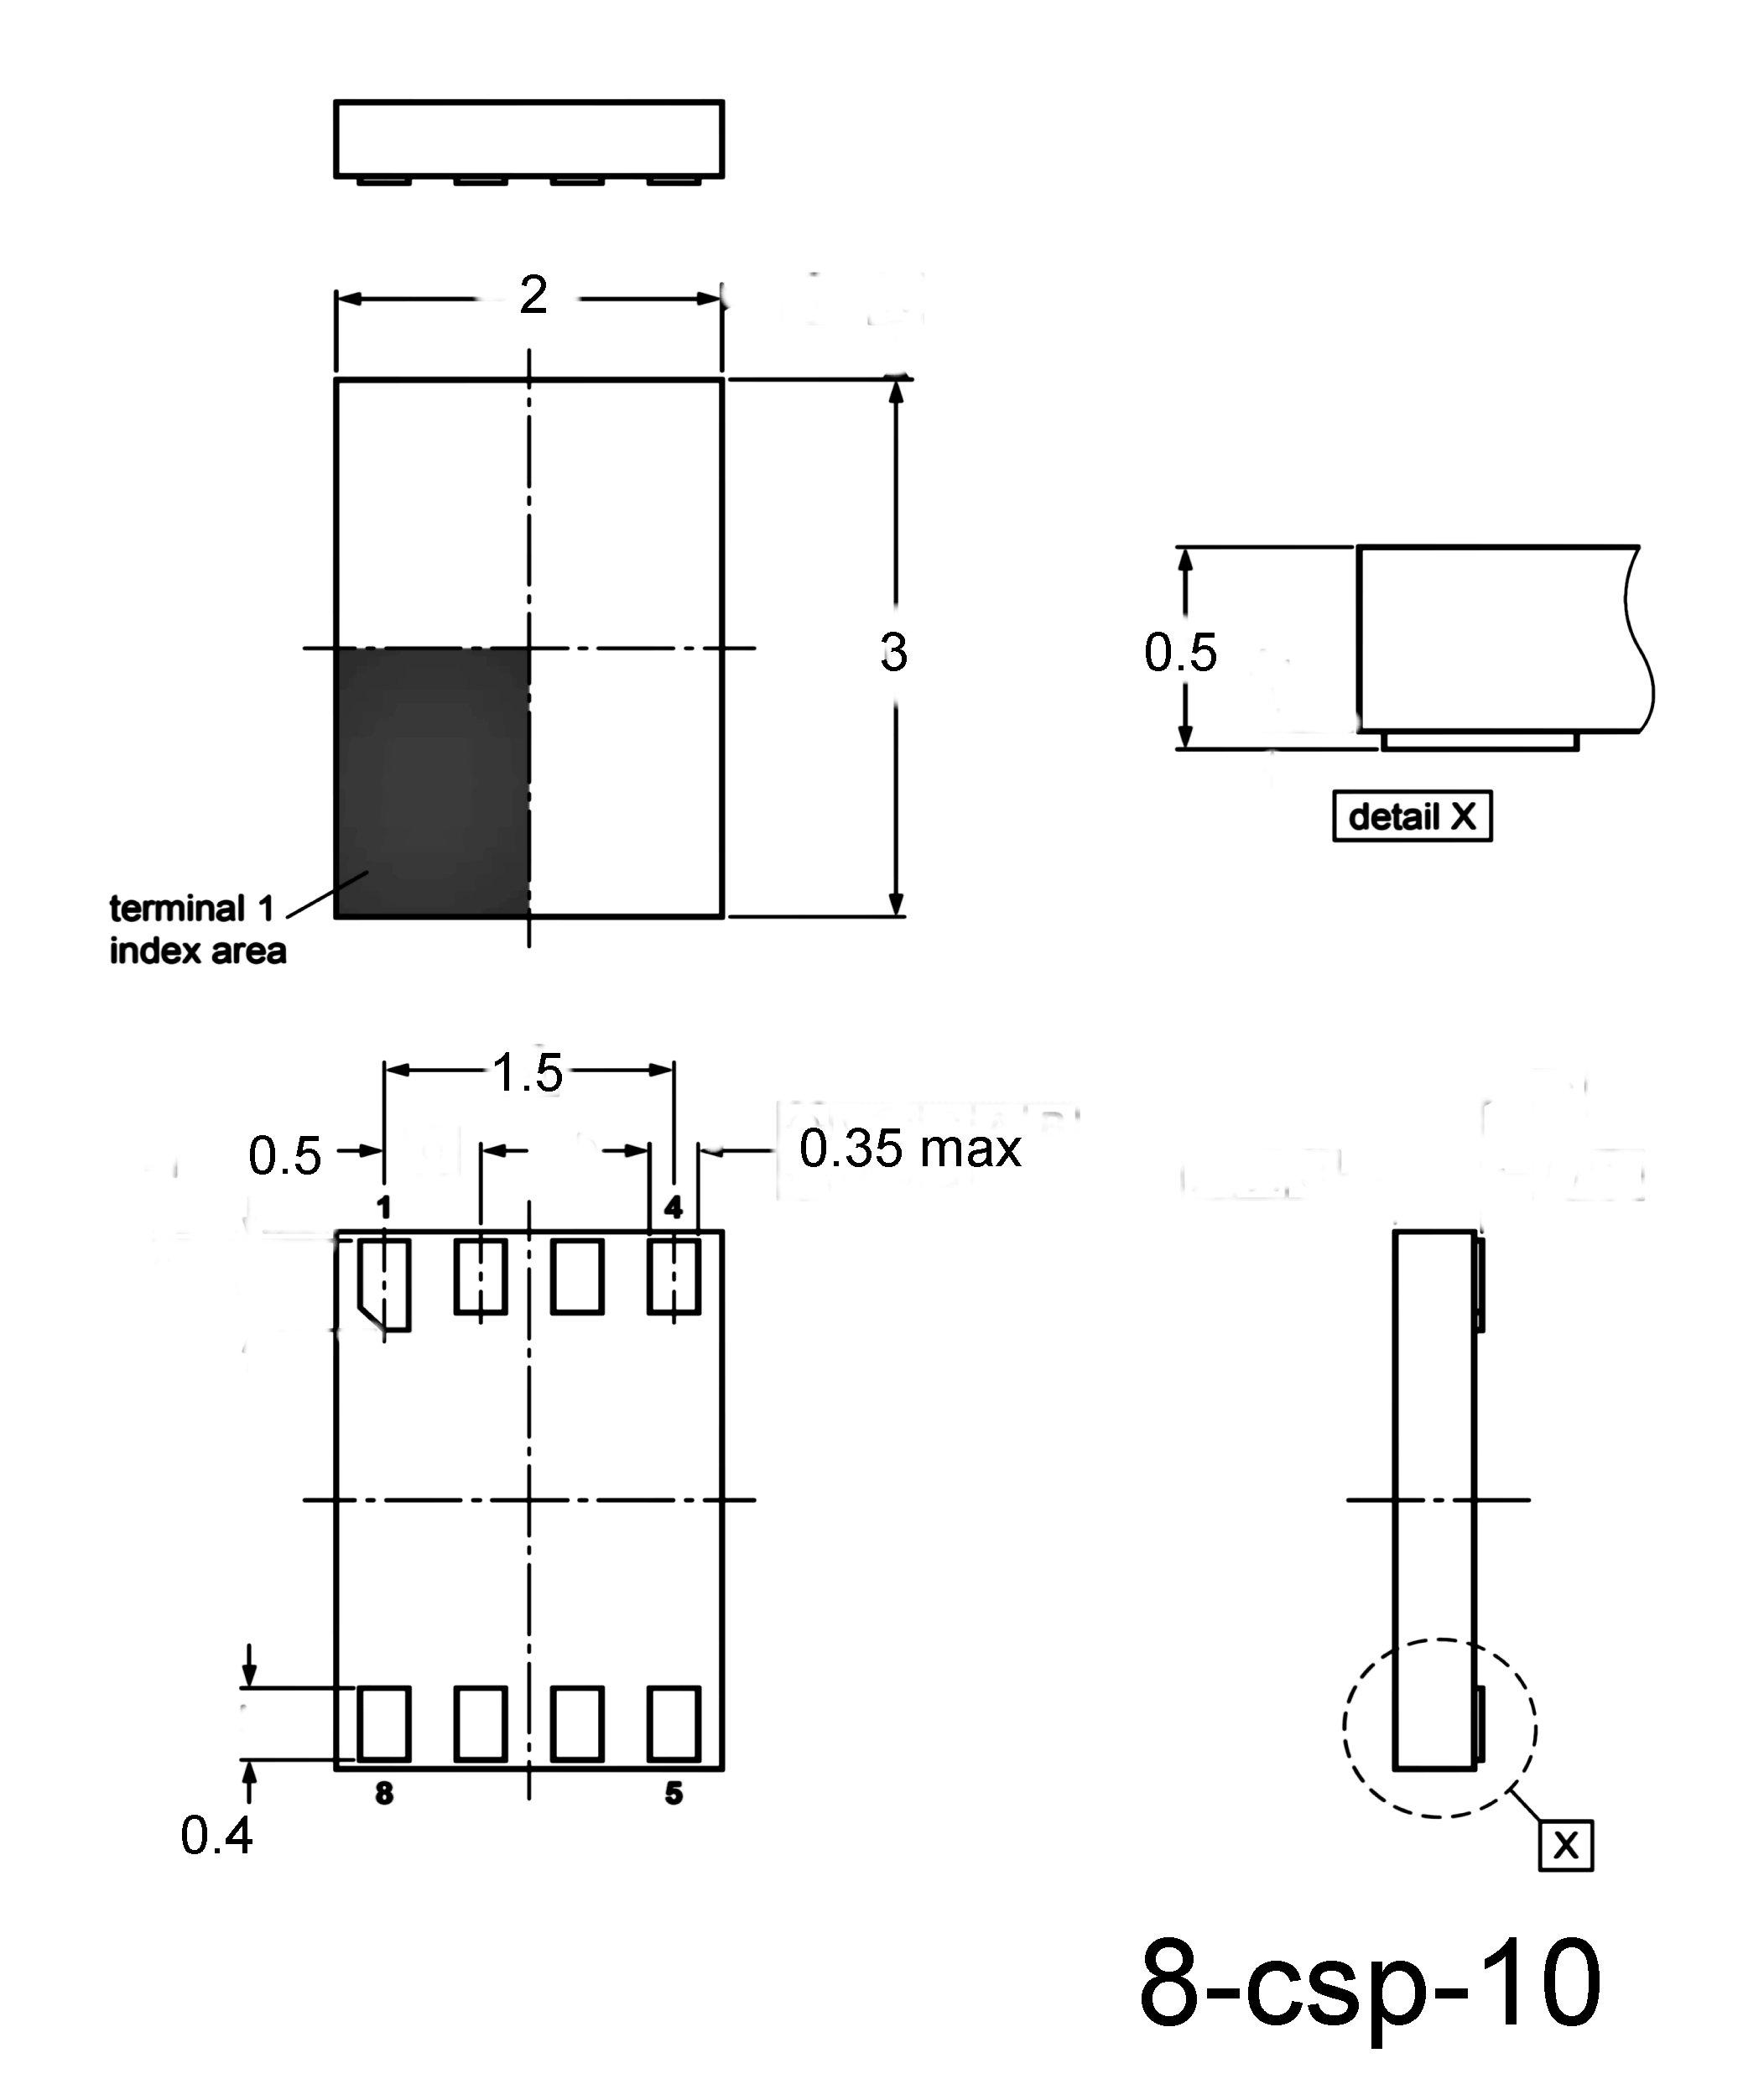 8csp-10